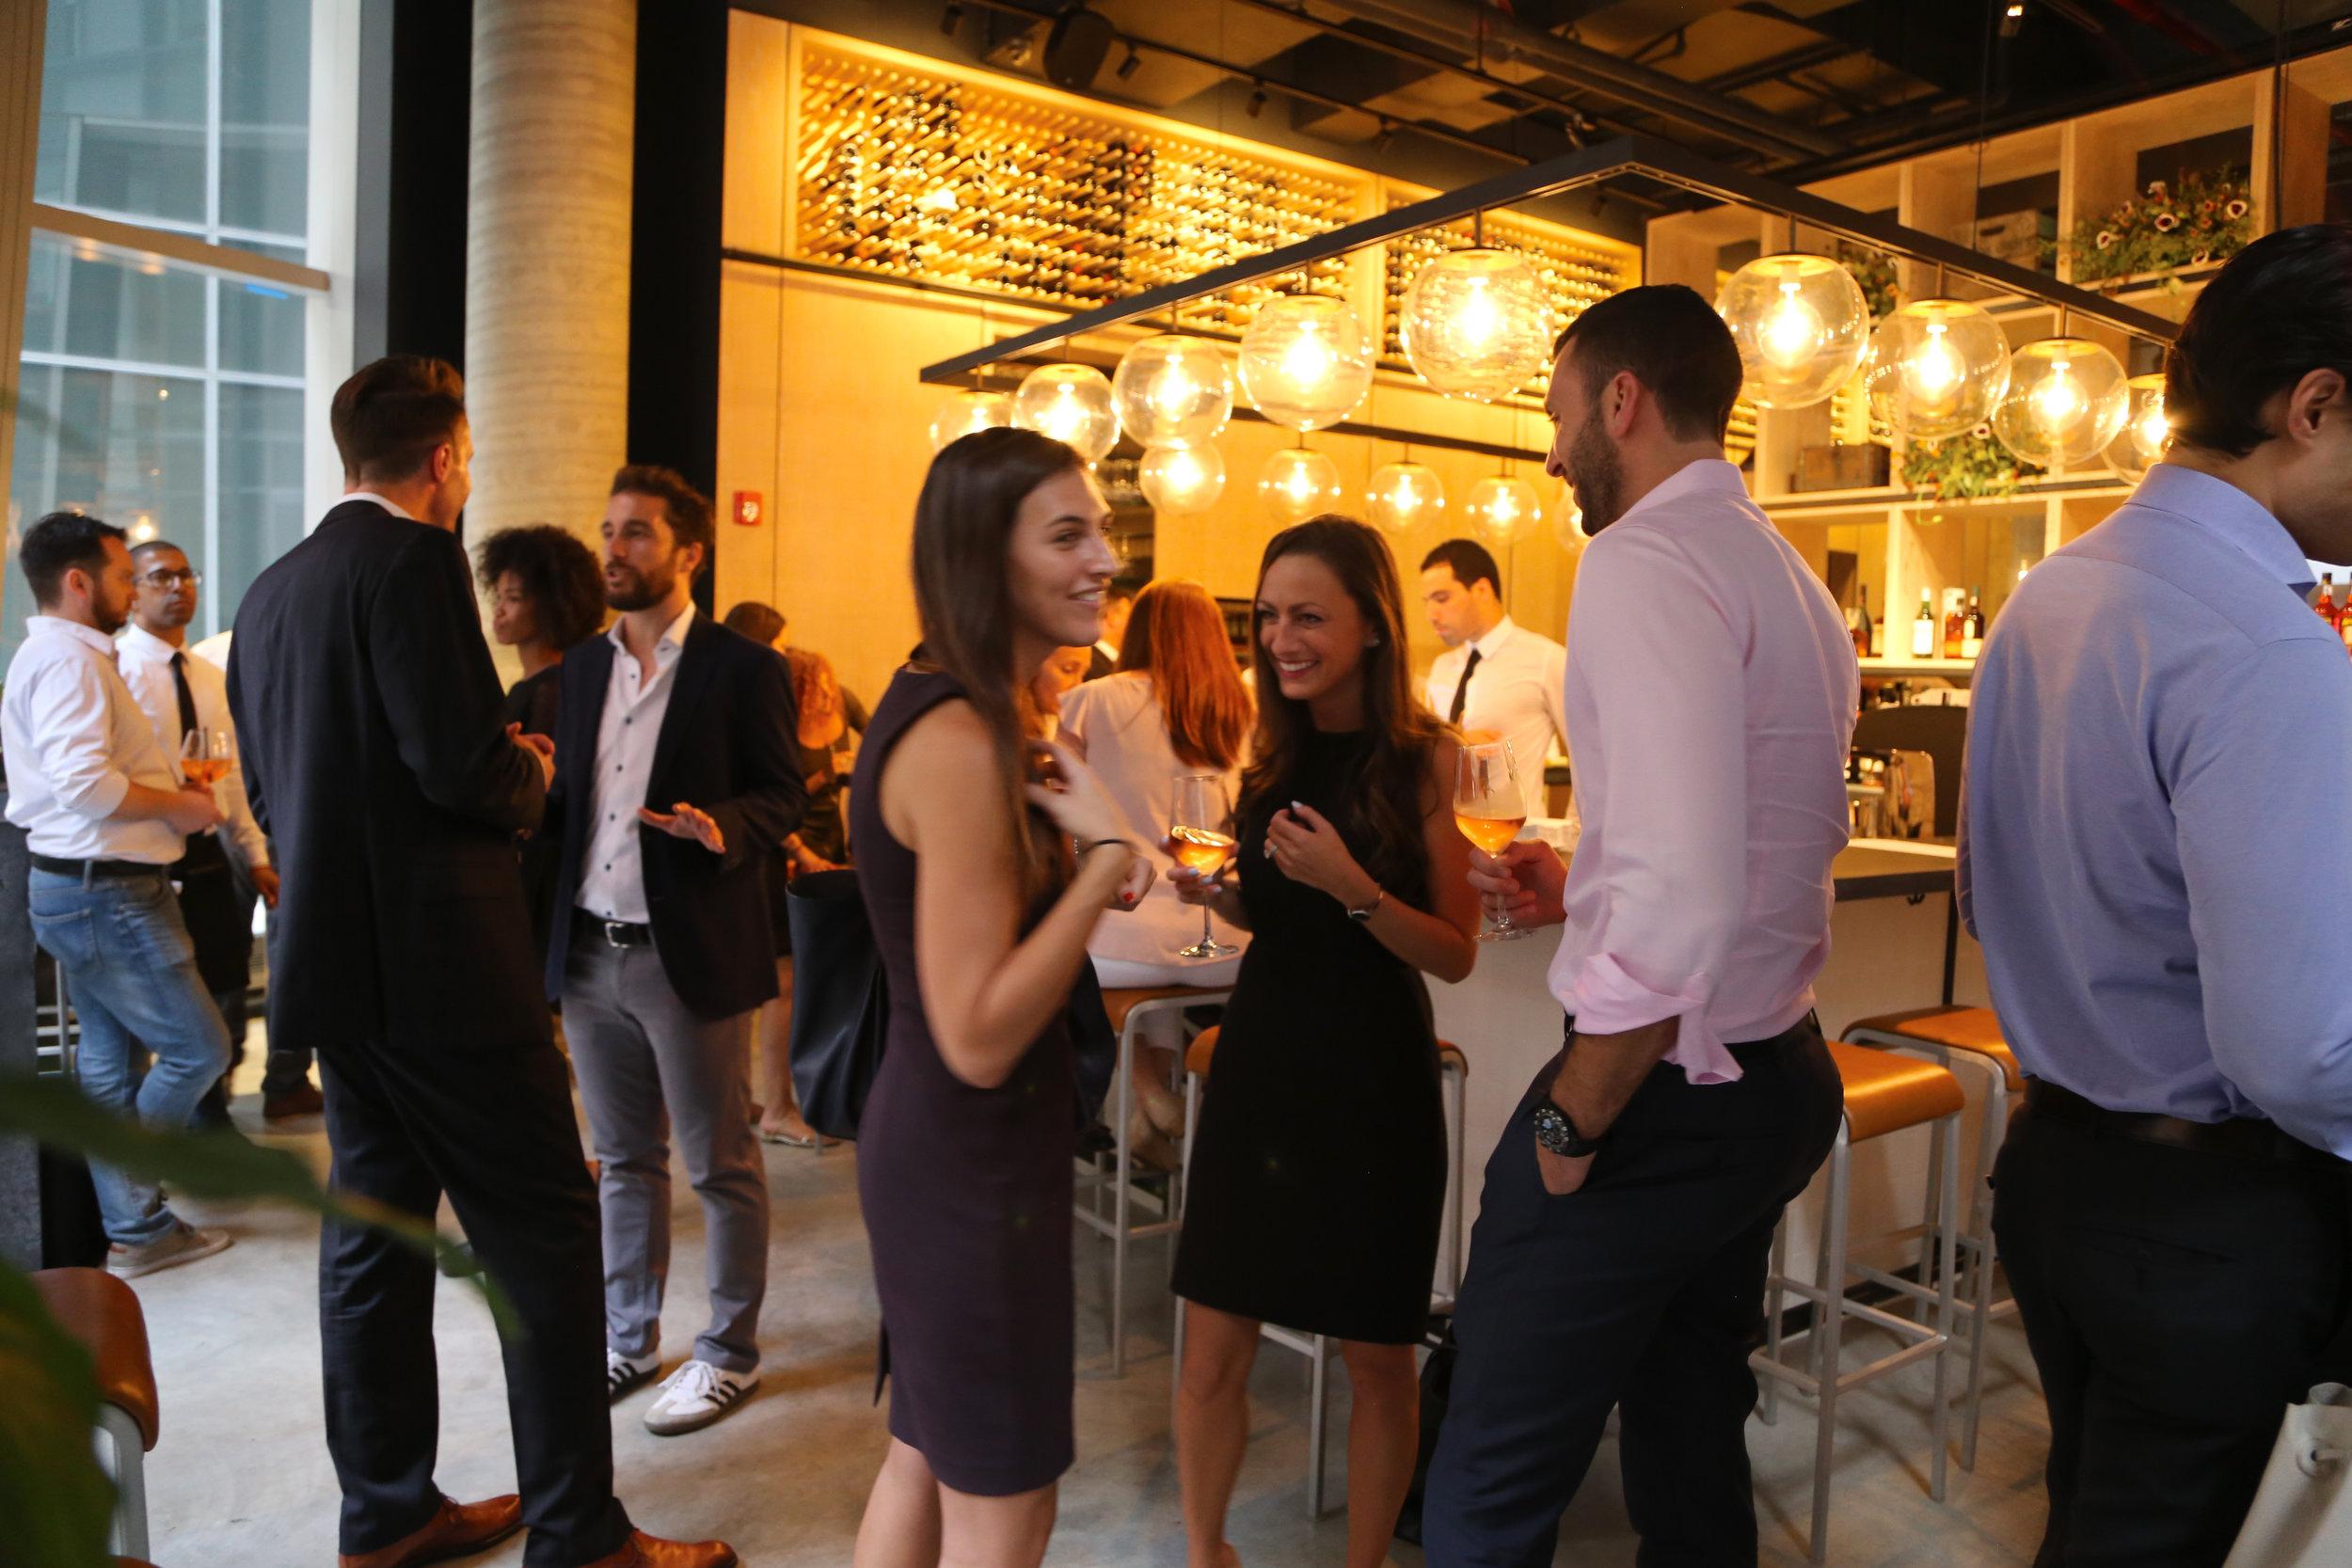 Guests - bar area - Tarallucci e Vino NoMad.